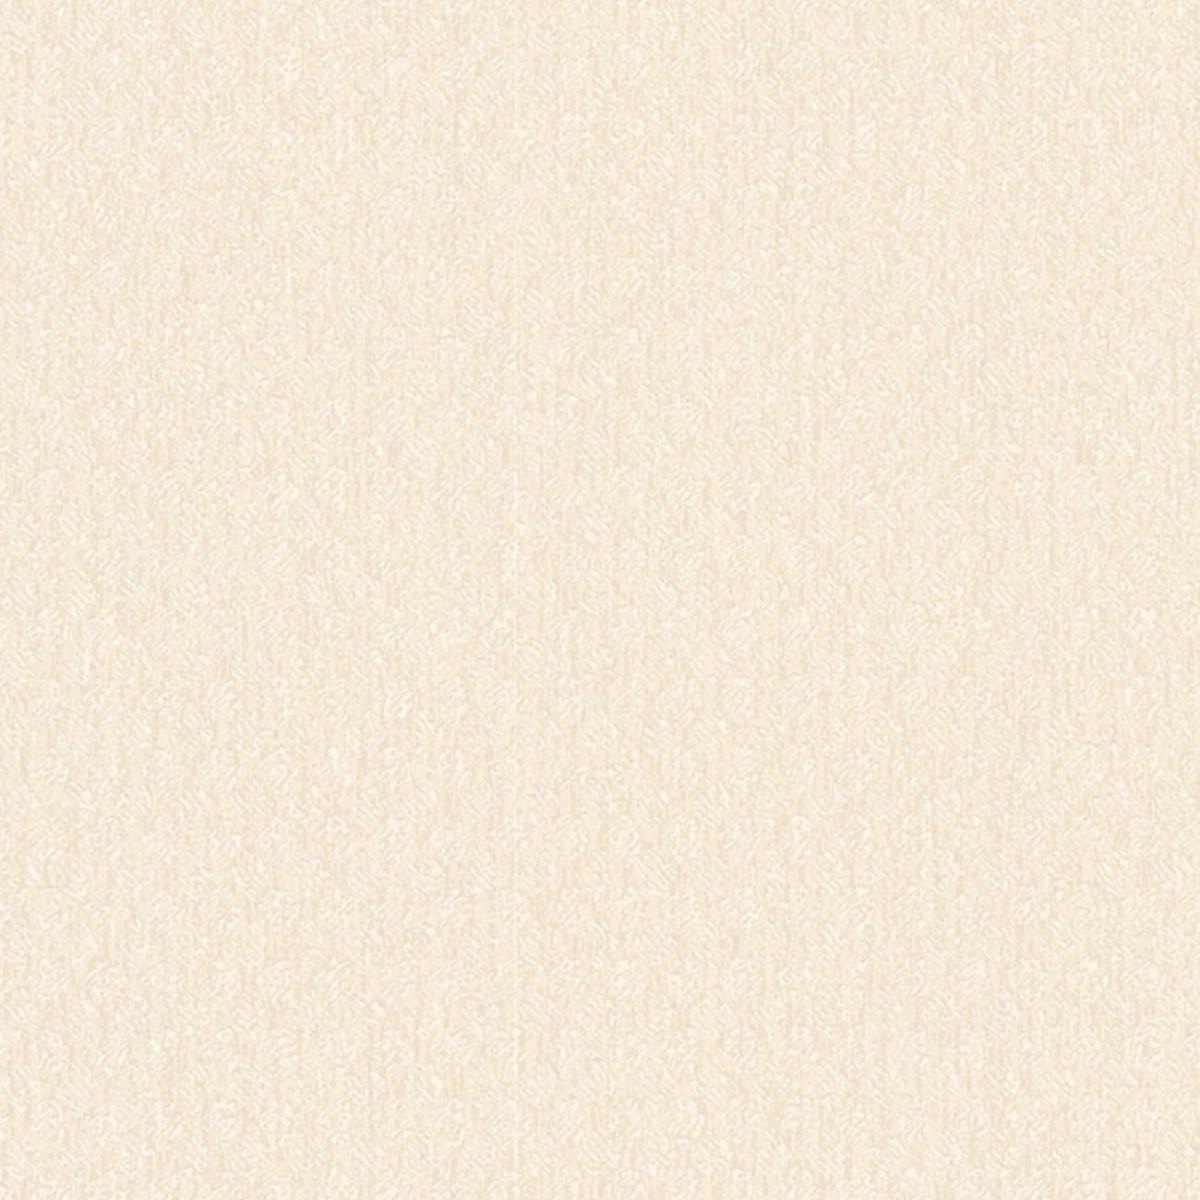 Обои флизелиновые Мир Авангард Viktoria бежевые 1.06 м 11-259-04